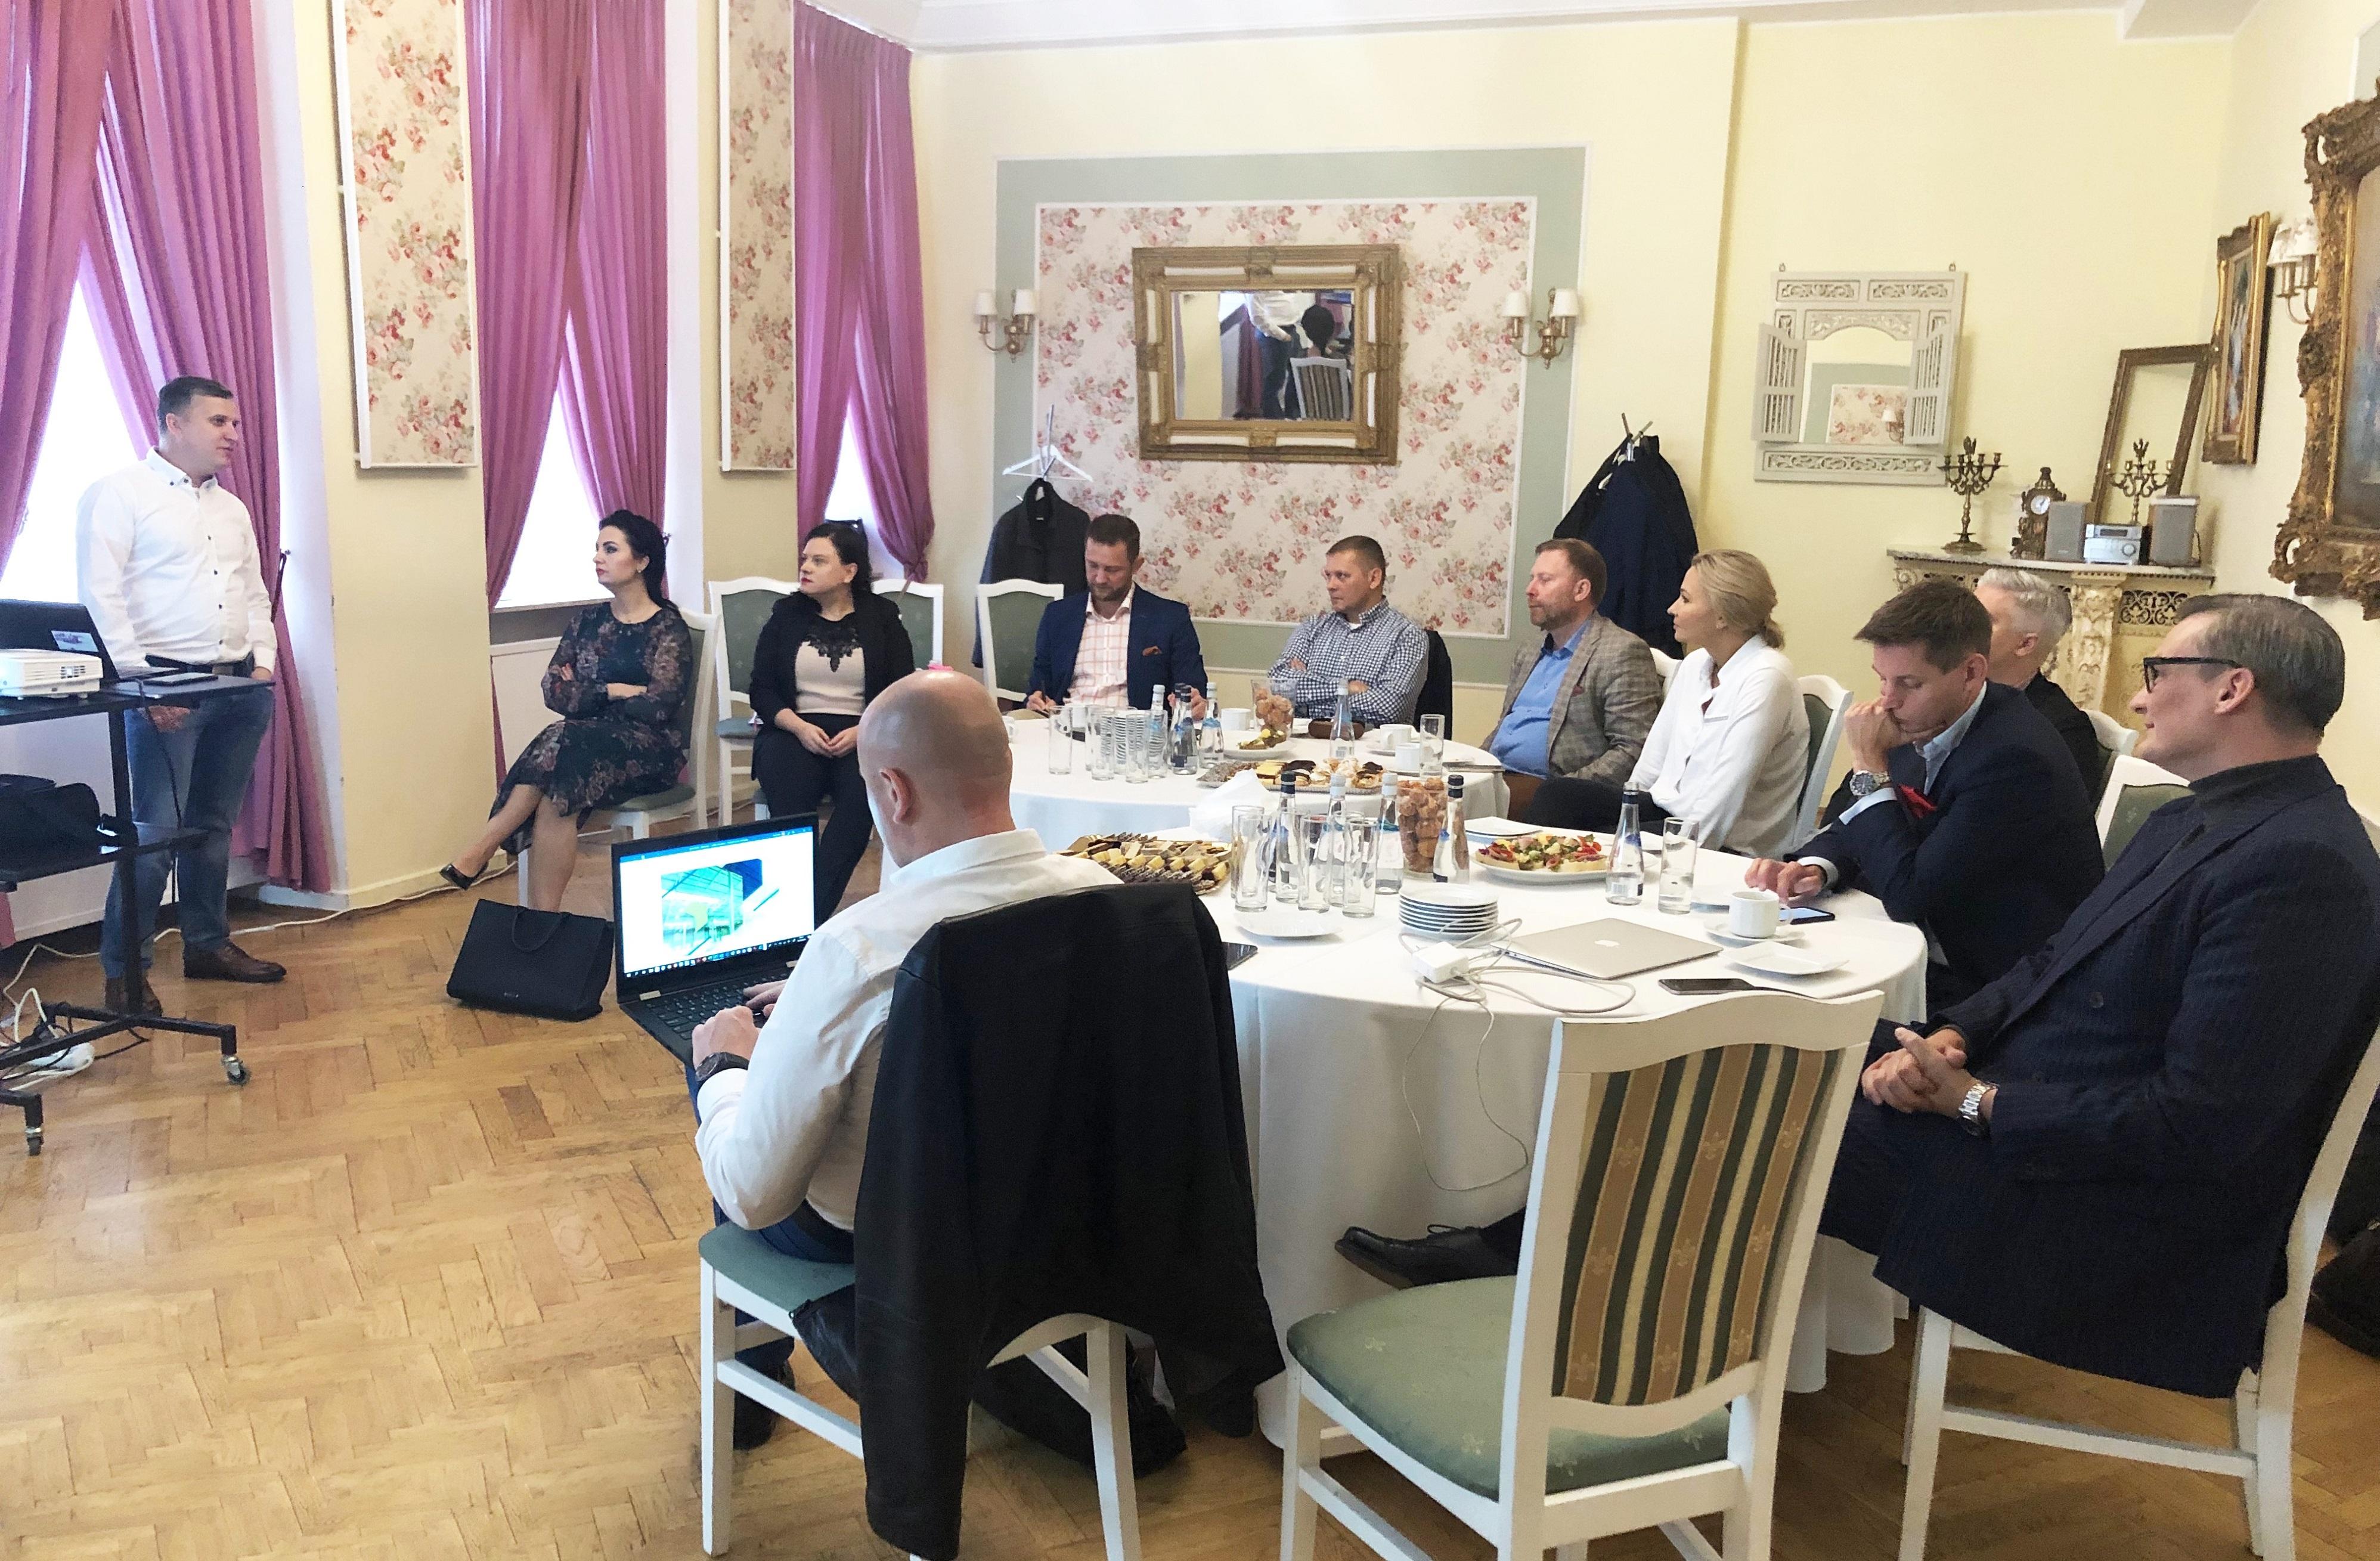 Spotkanie Ekspertów PSME w formie warsztatów